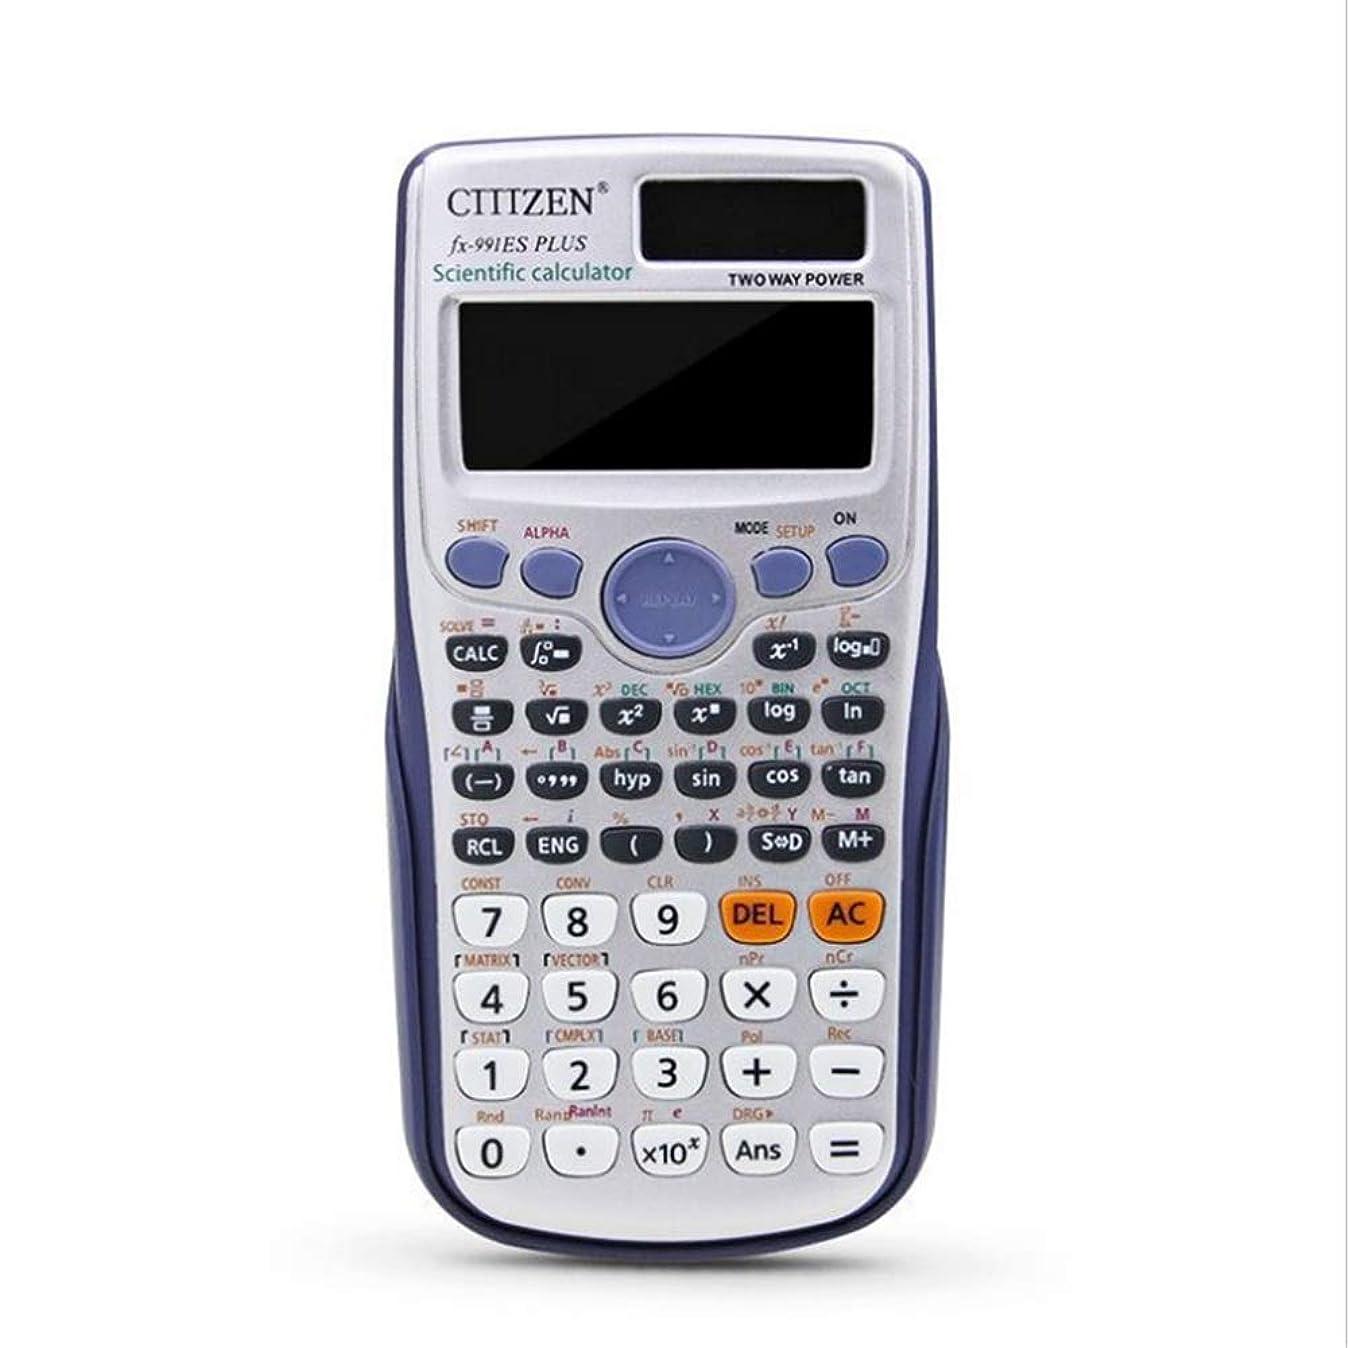 スポークスマン四面体リファインビジネス電卓, MultiView 417の機能科学的な電卓バッテリーのLCD表示オフィスの電卓12桁の大型ディスプレイの電子デスクトップ電卓ビジネスギフト 実務電卓